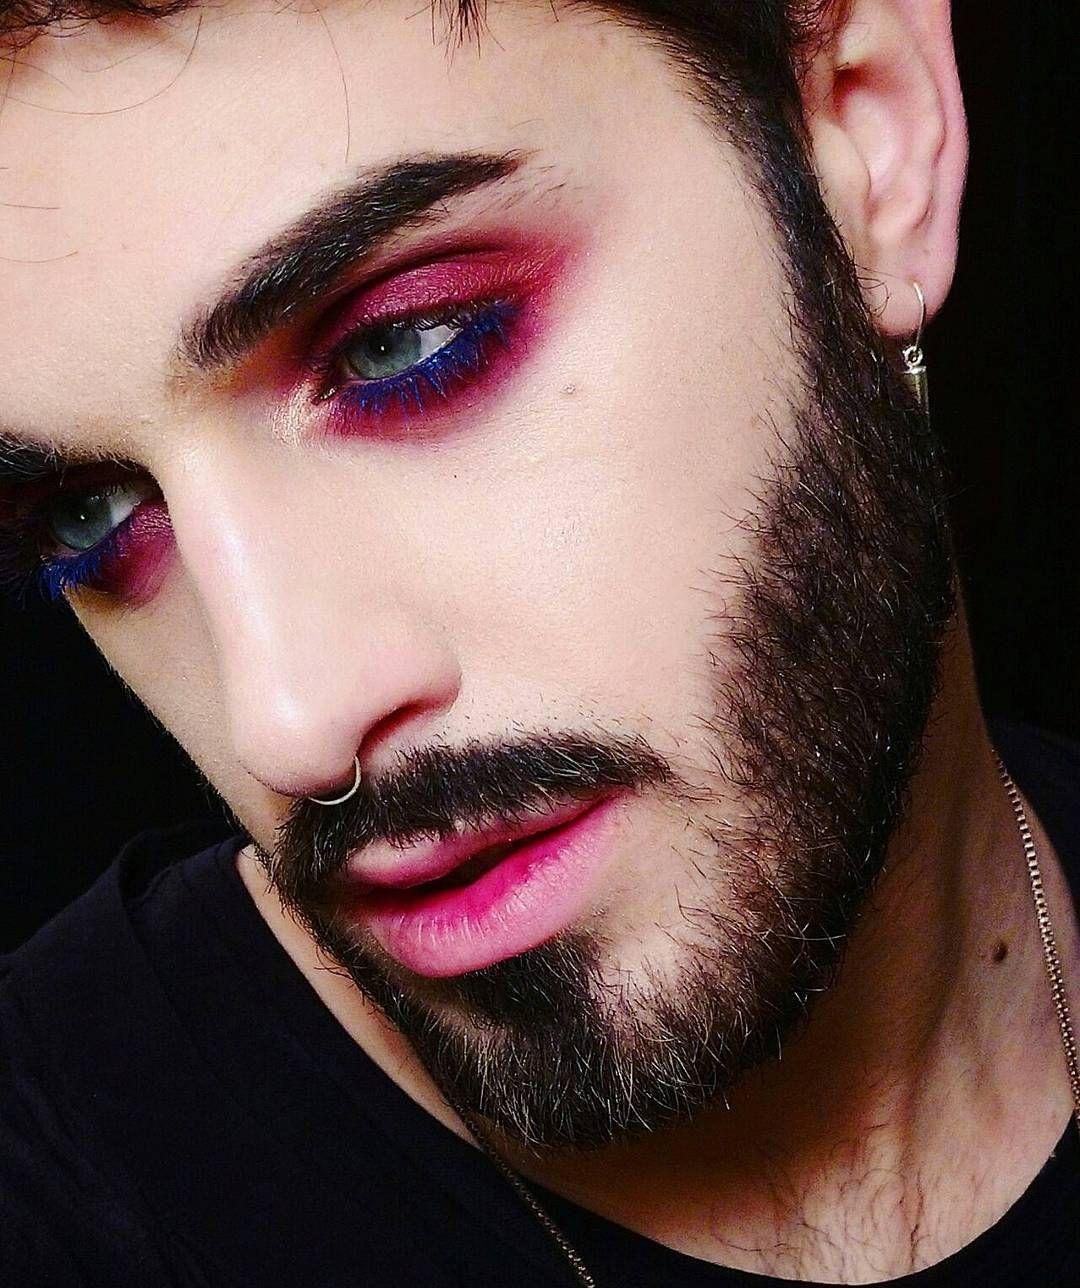 makeup makeupoftheday makeupforever malemakeup